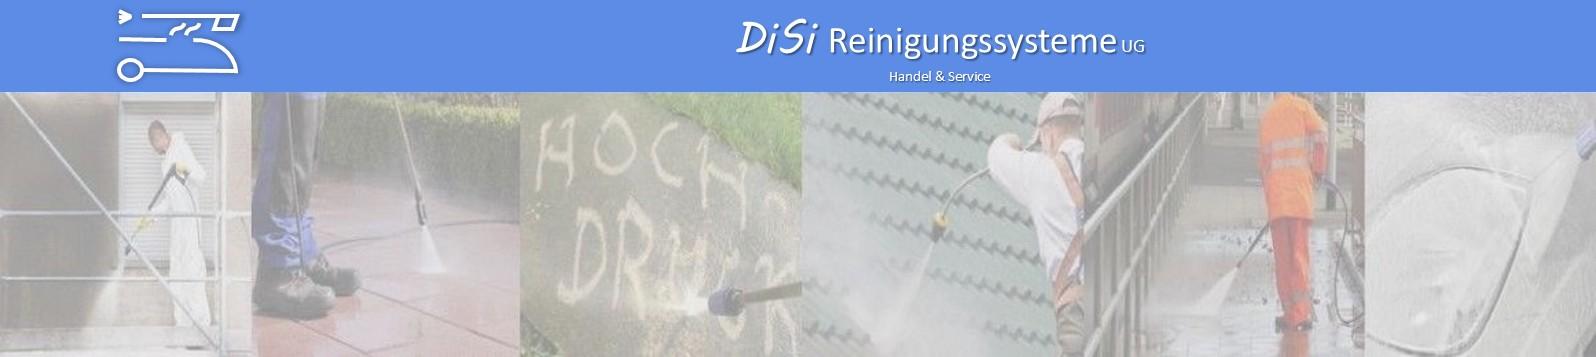 DiSi Reinigungssysteme | Hochdruckreiniger für Gewerbe und Industrie